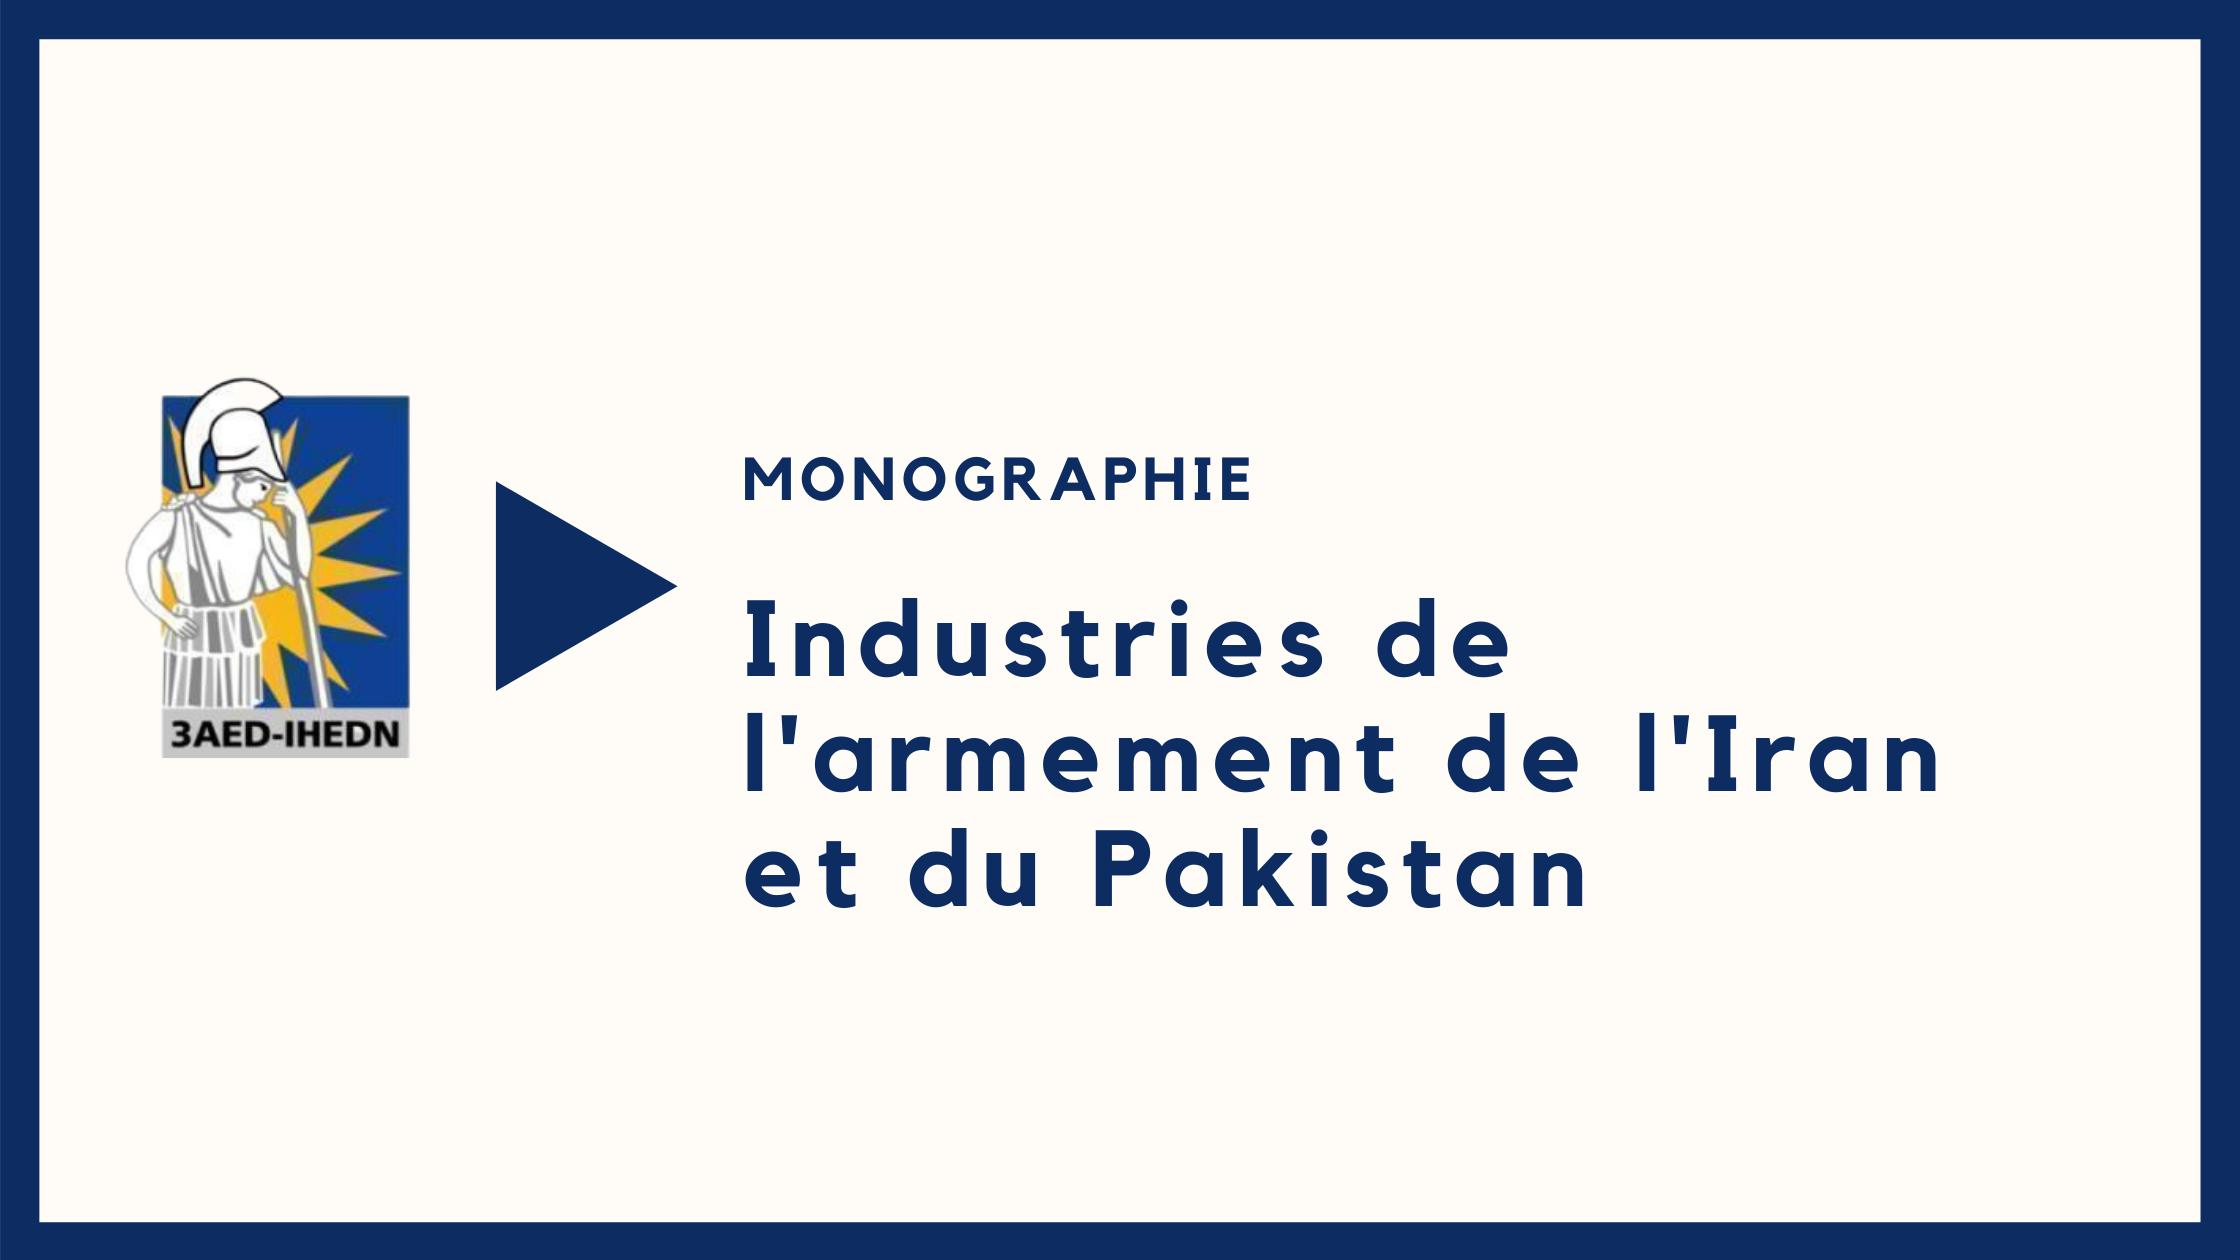 Monographie  Industries de l'armement de l'Iran et du Pakistan